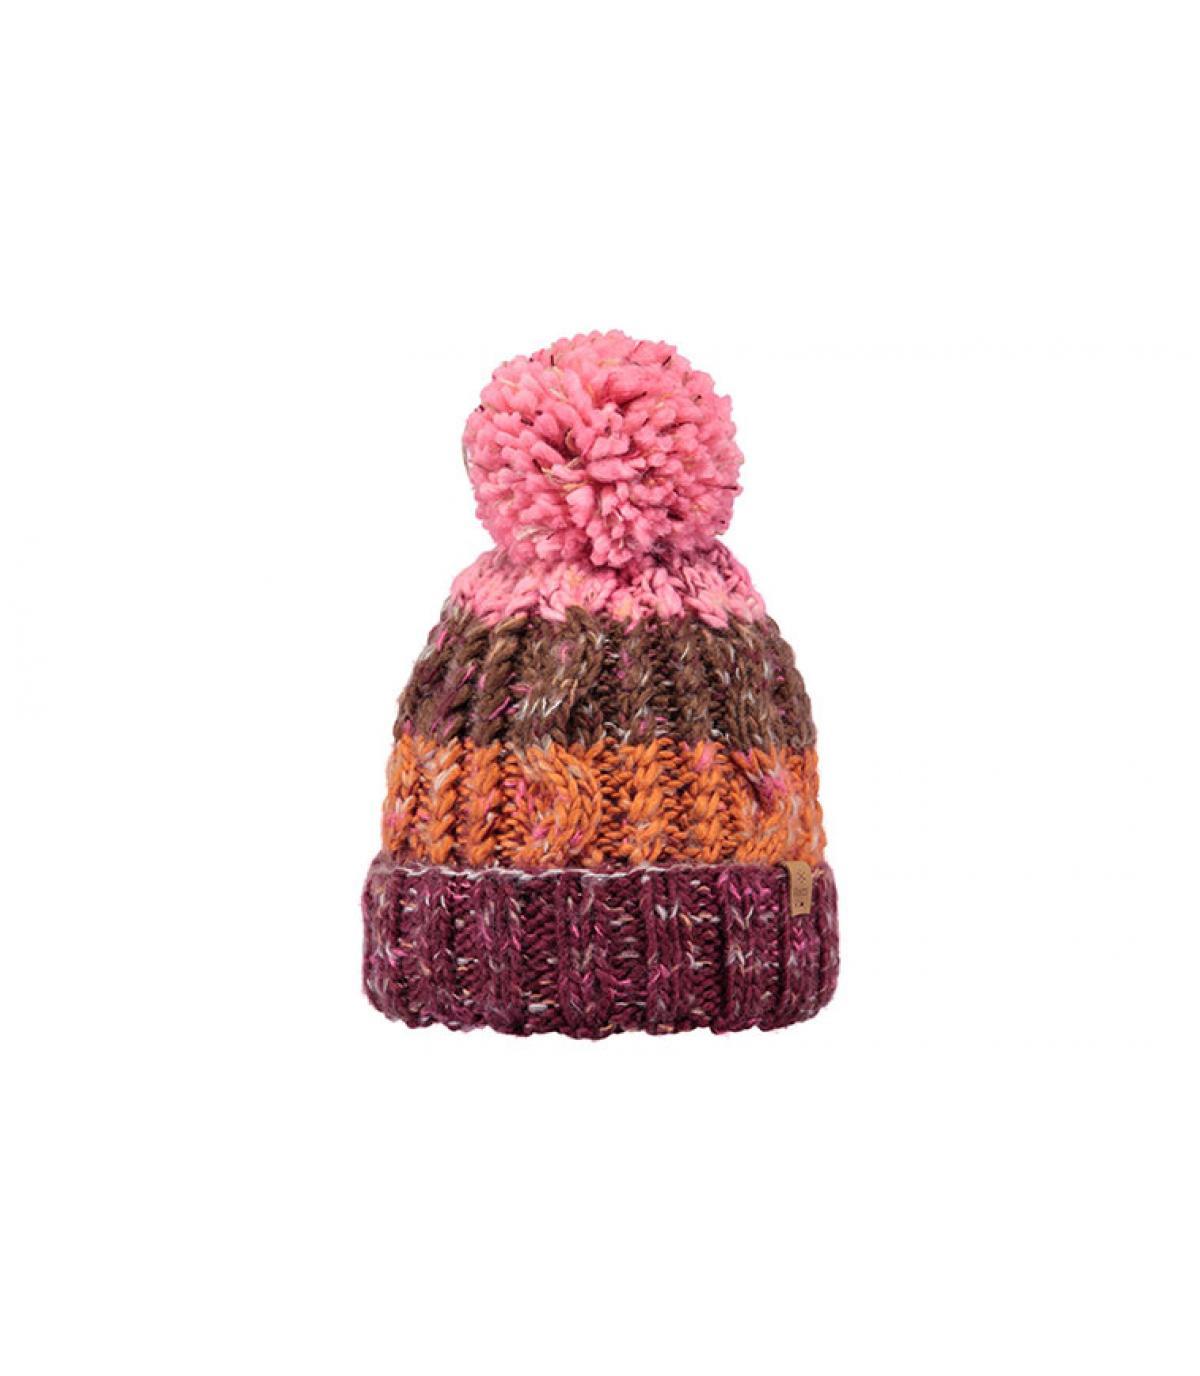 pompom beanie stripes pink orange